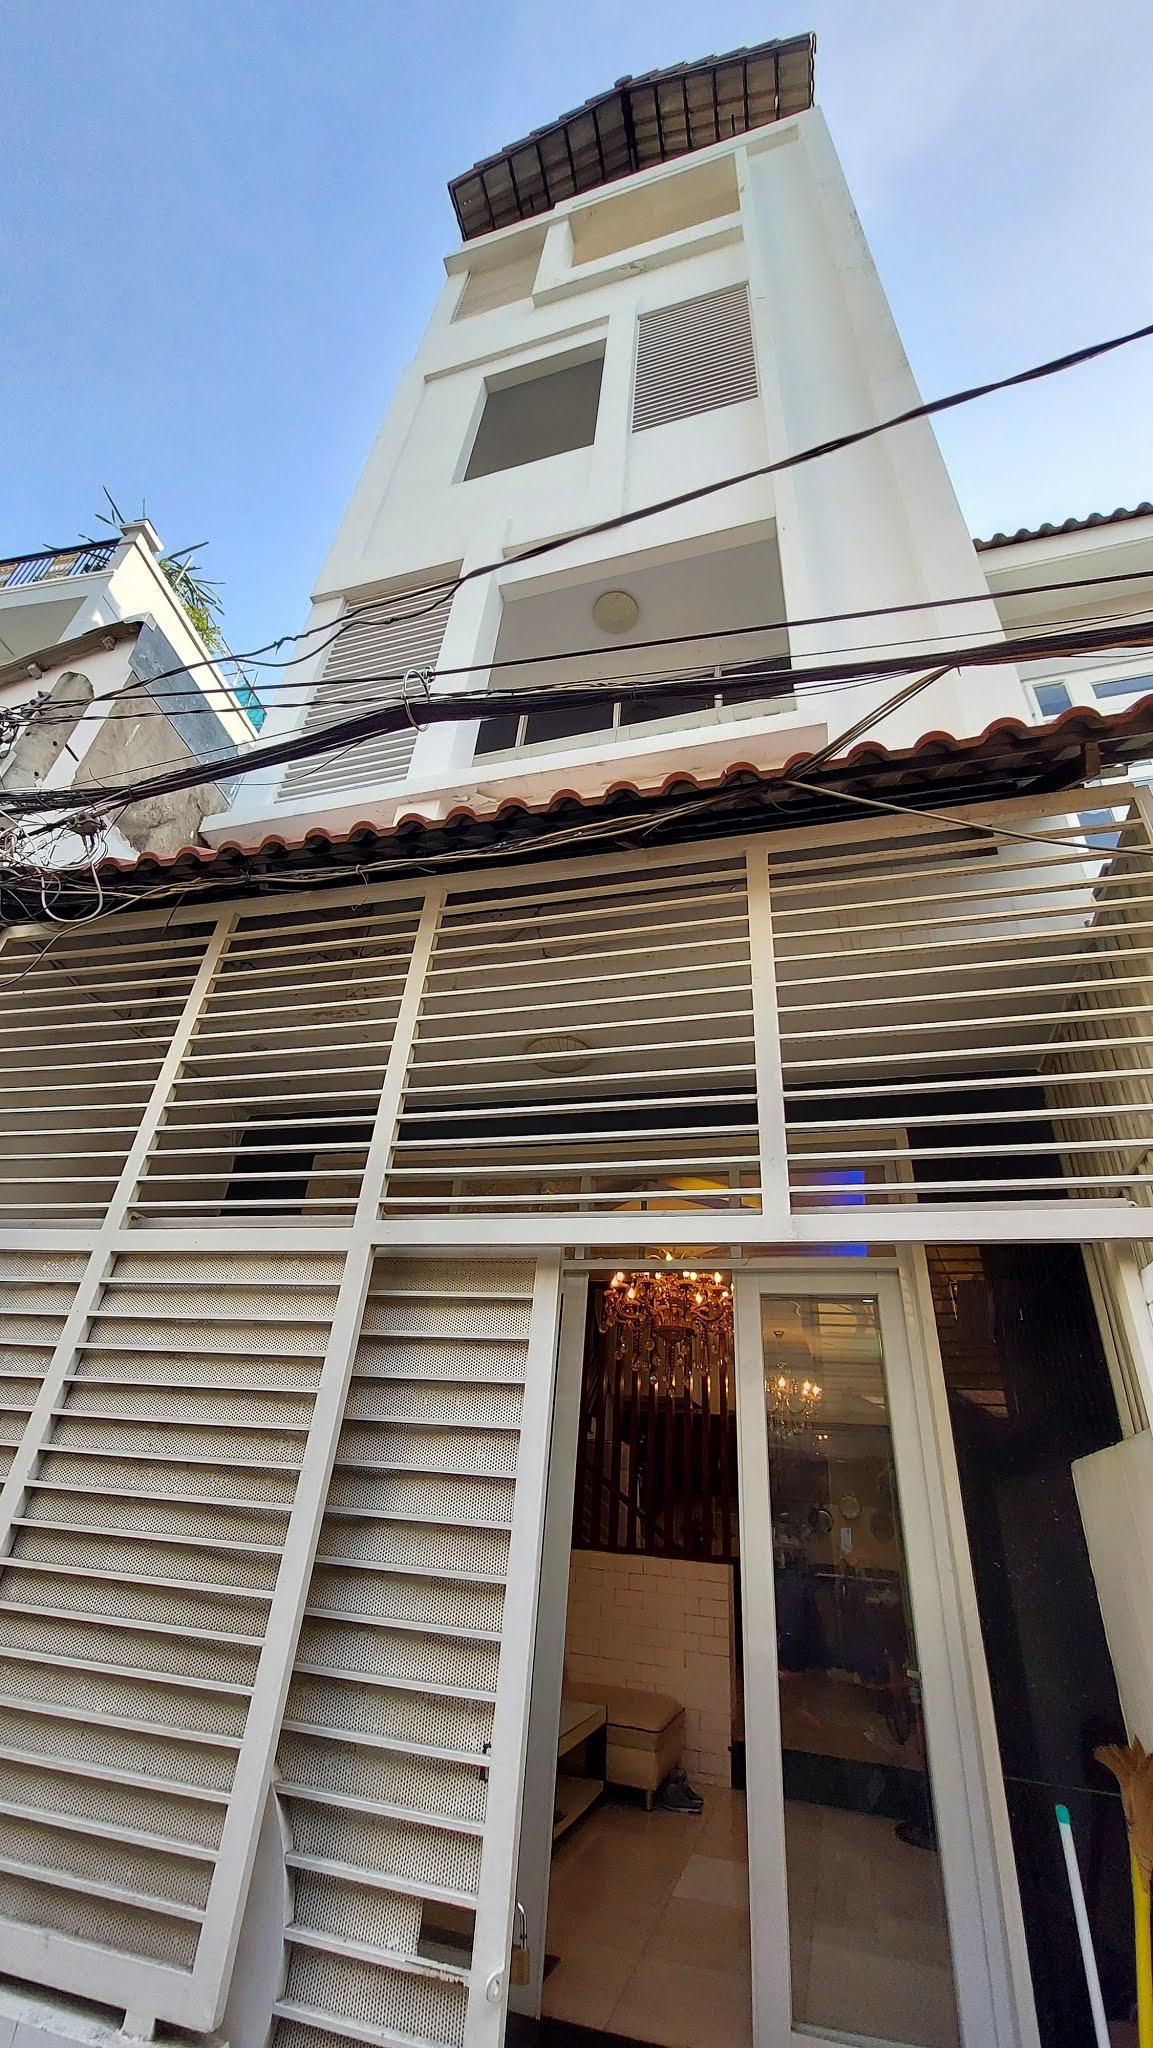 Bán nhà đường Tân Mỹ phường Tân Phú Quận 7 giá rẻ, gần chợ Tân Mỹ